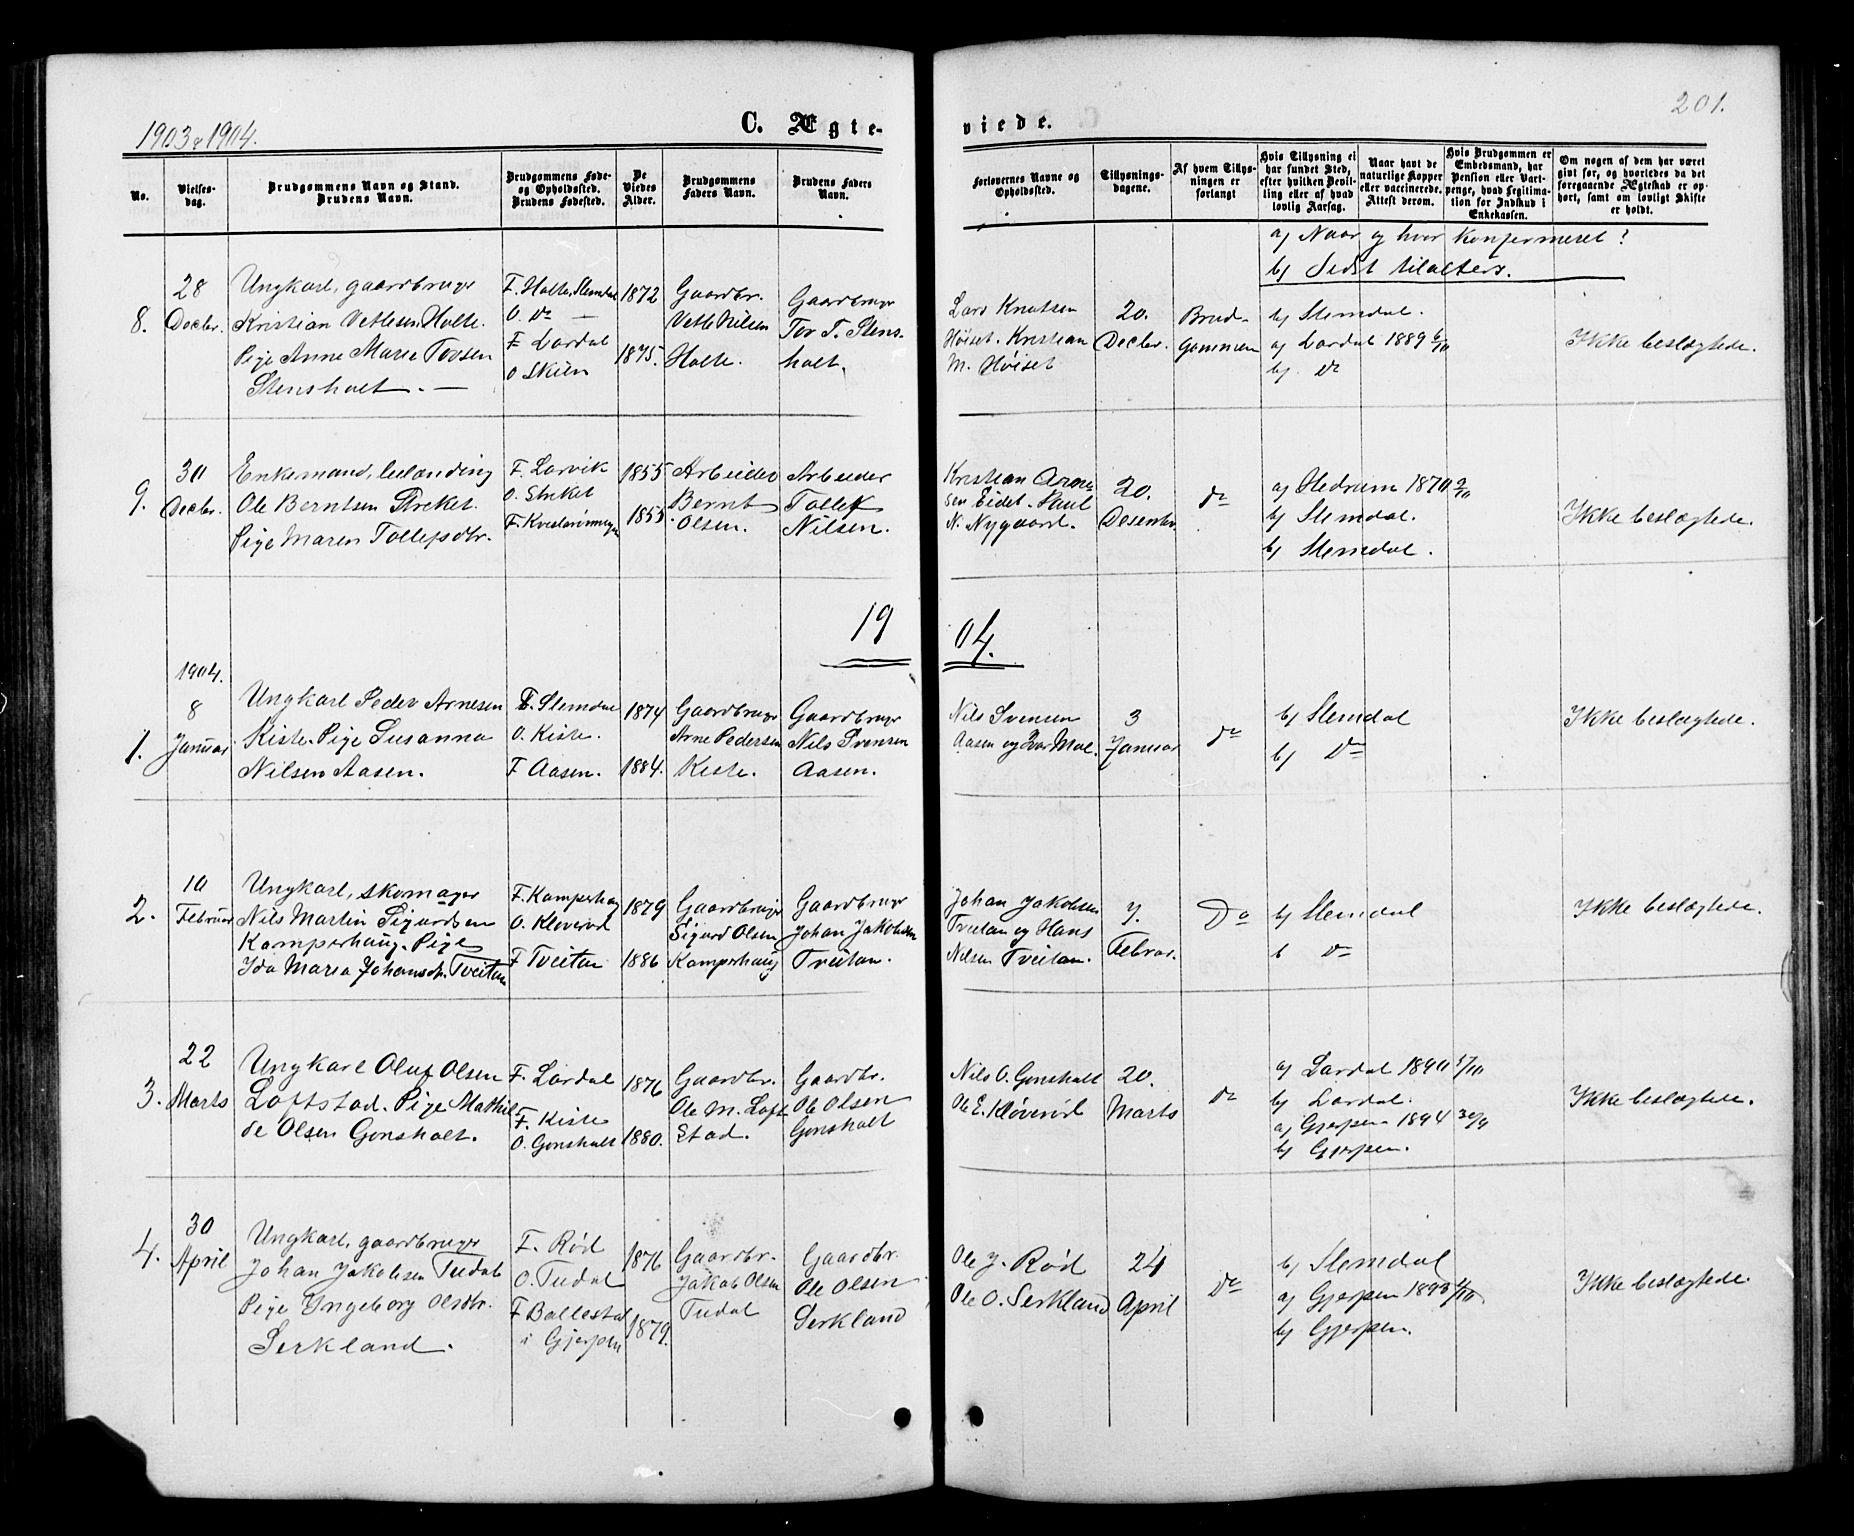 SAKO, Siljan kirkebøker, G/Ga/L0002: Klokkerbok nr. 2, 1864-1908, s. 201